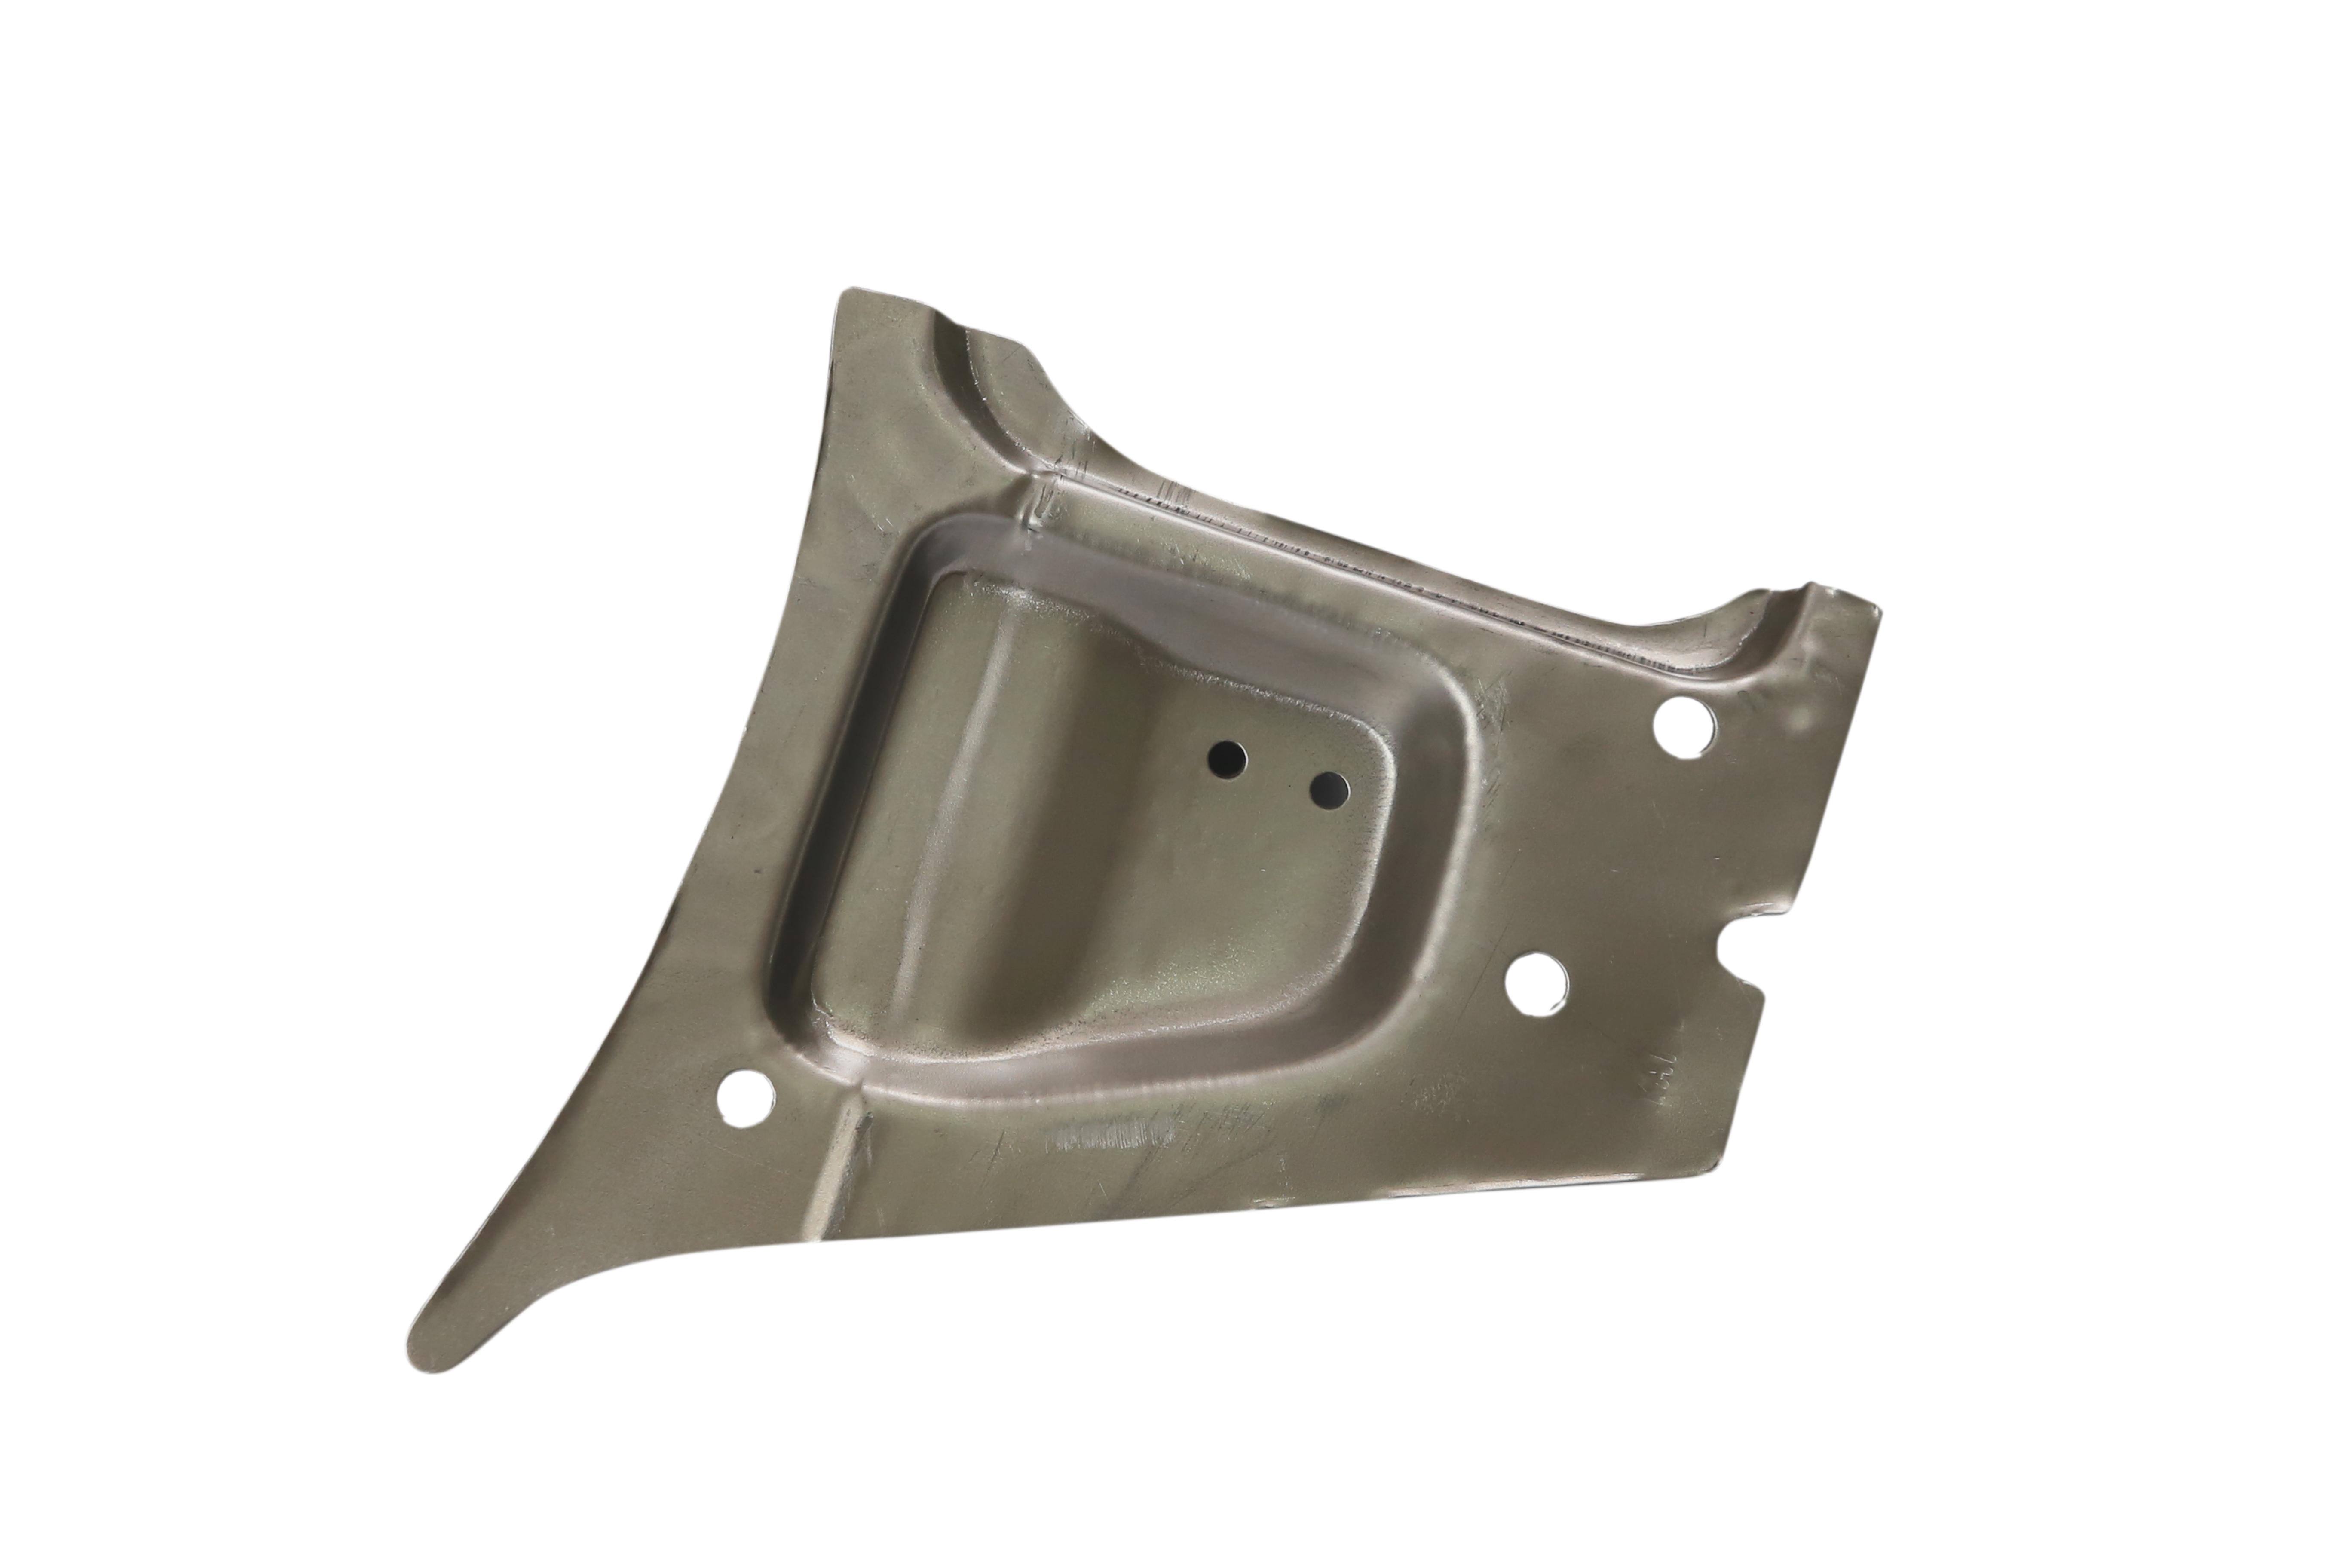 Panel Qtr inner lower